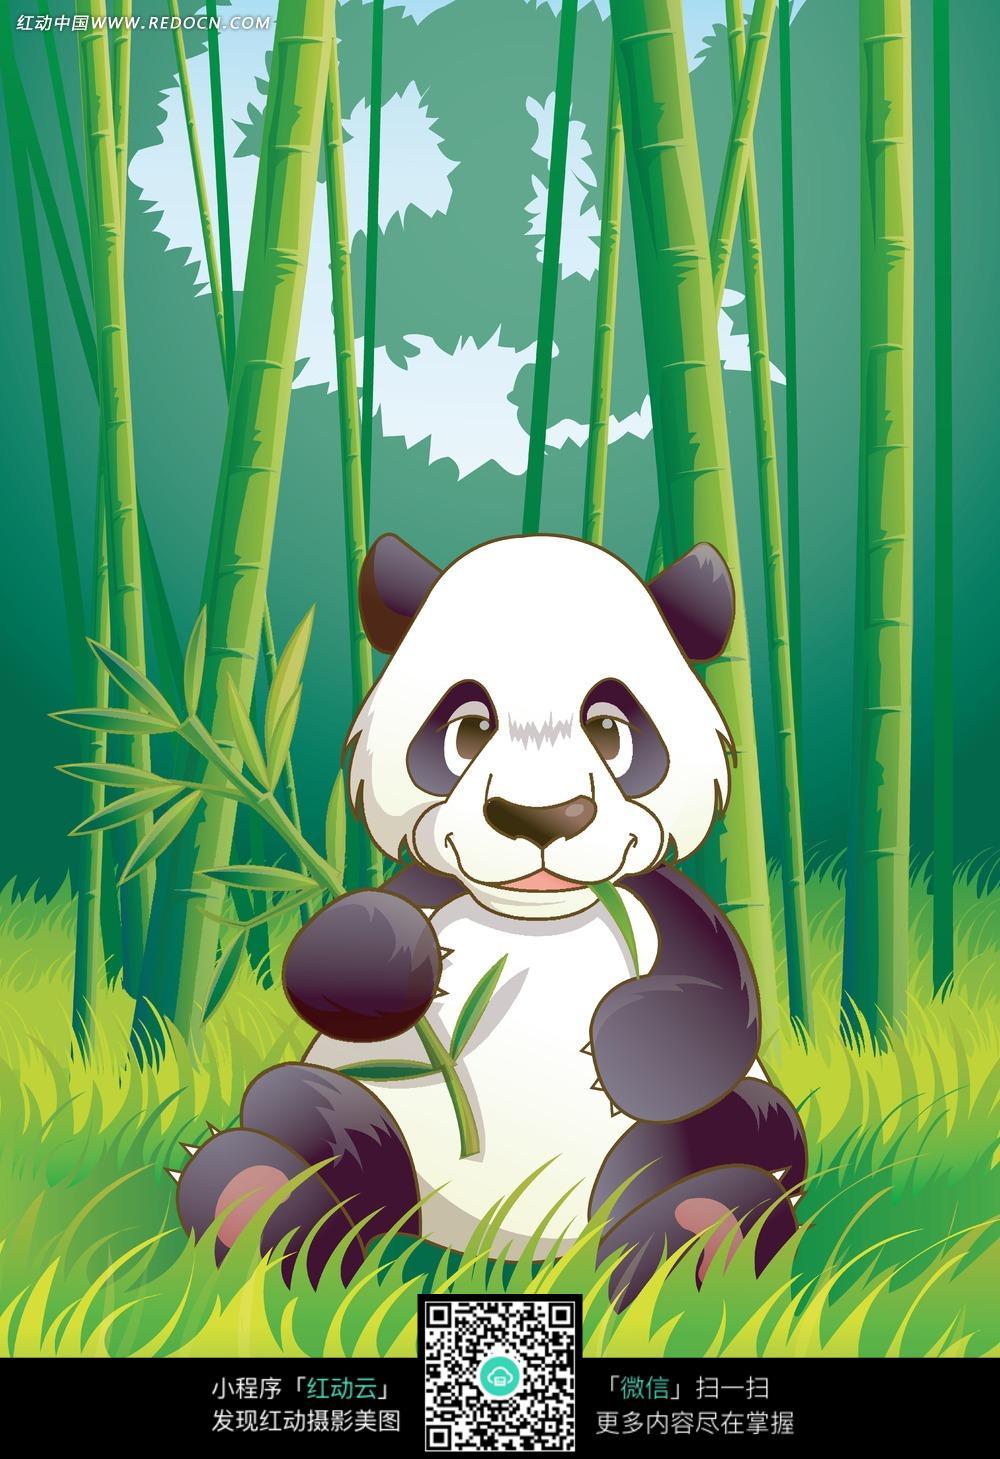 熊猫竹子卡通插图